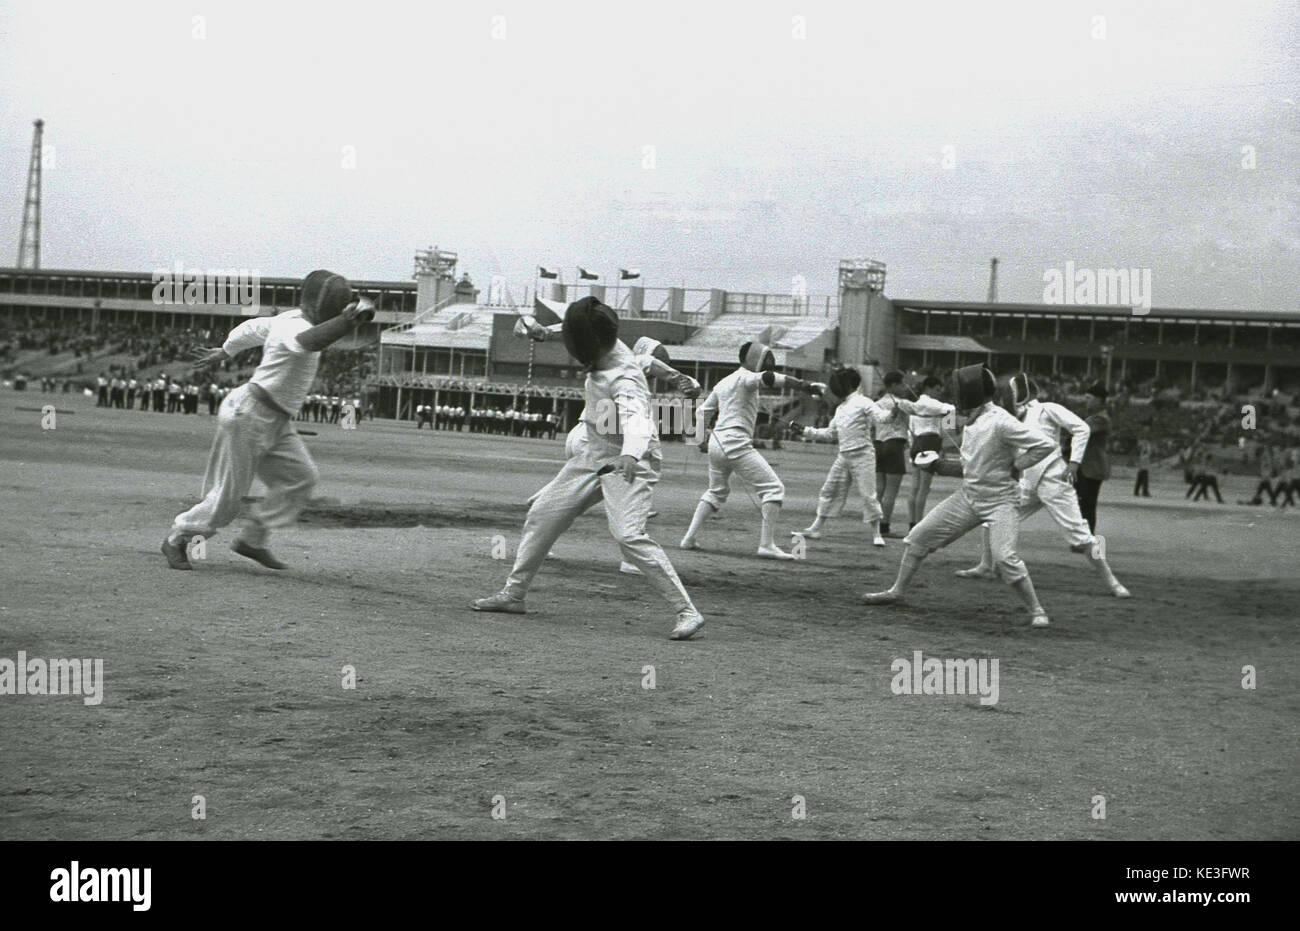 1938 storico, maschio competitiors scherma nel centro del gigante Strahov Stadium, Praga, Cecoslovacchia al Pan Immagini Stock